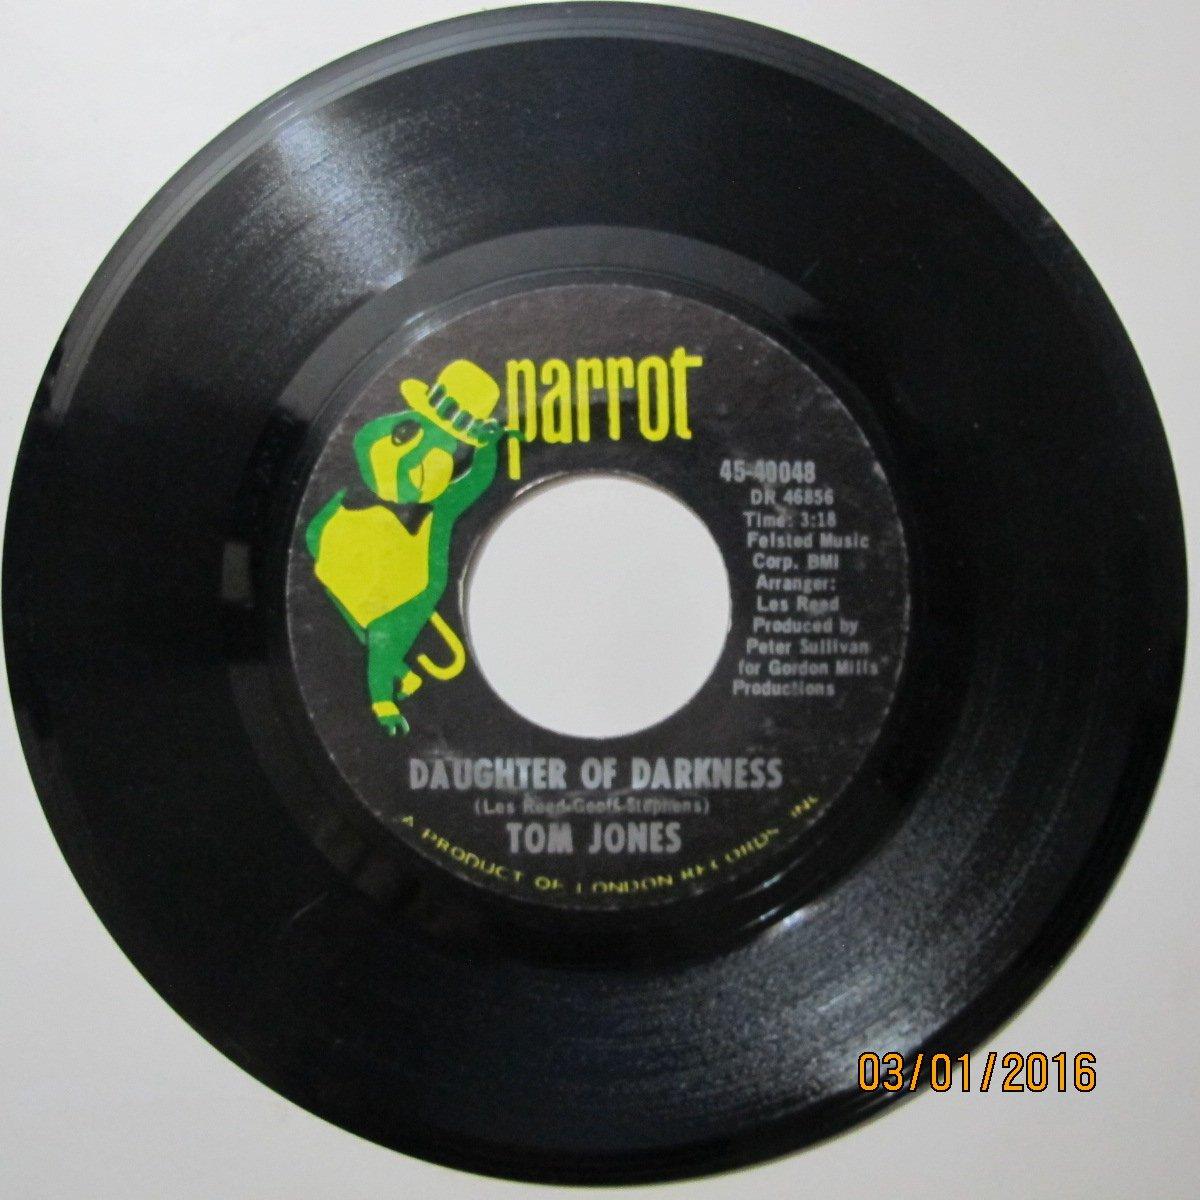 Tom Jones - Tom Jones 45 RPM Daughter of Darkness / Tupelo